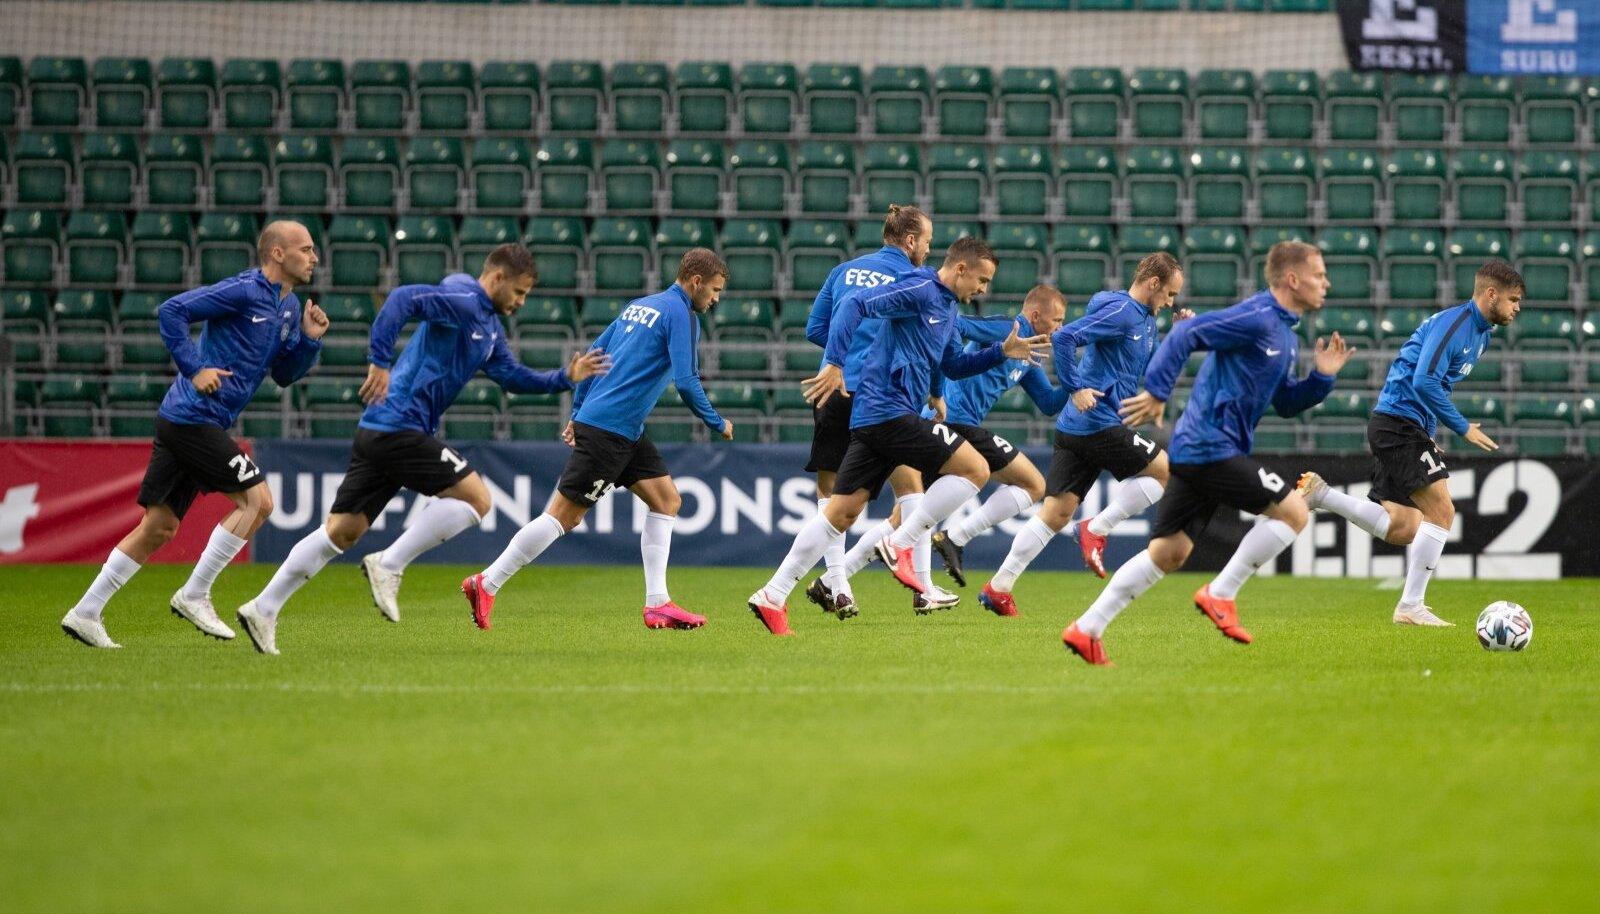 Eesti jalgpallikoondist ähvardab Rahvuste liiga mängudeks kodumaalt väljakolimine.